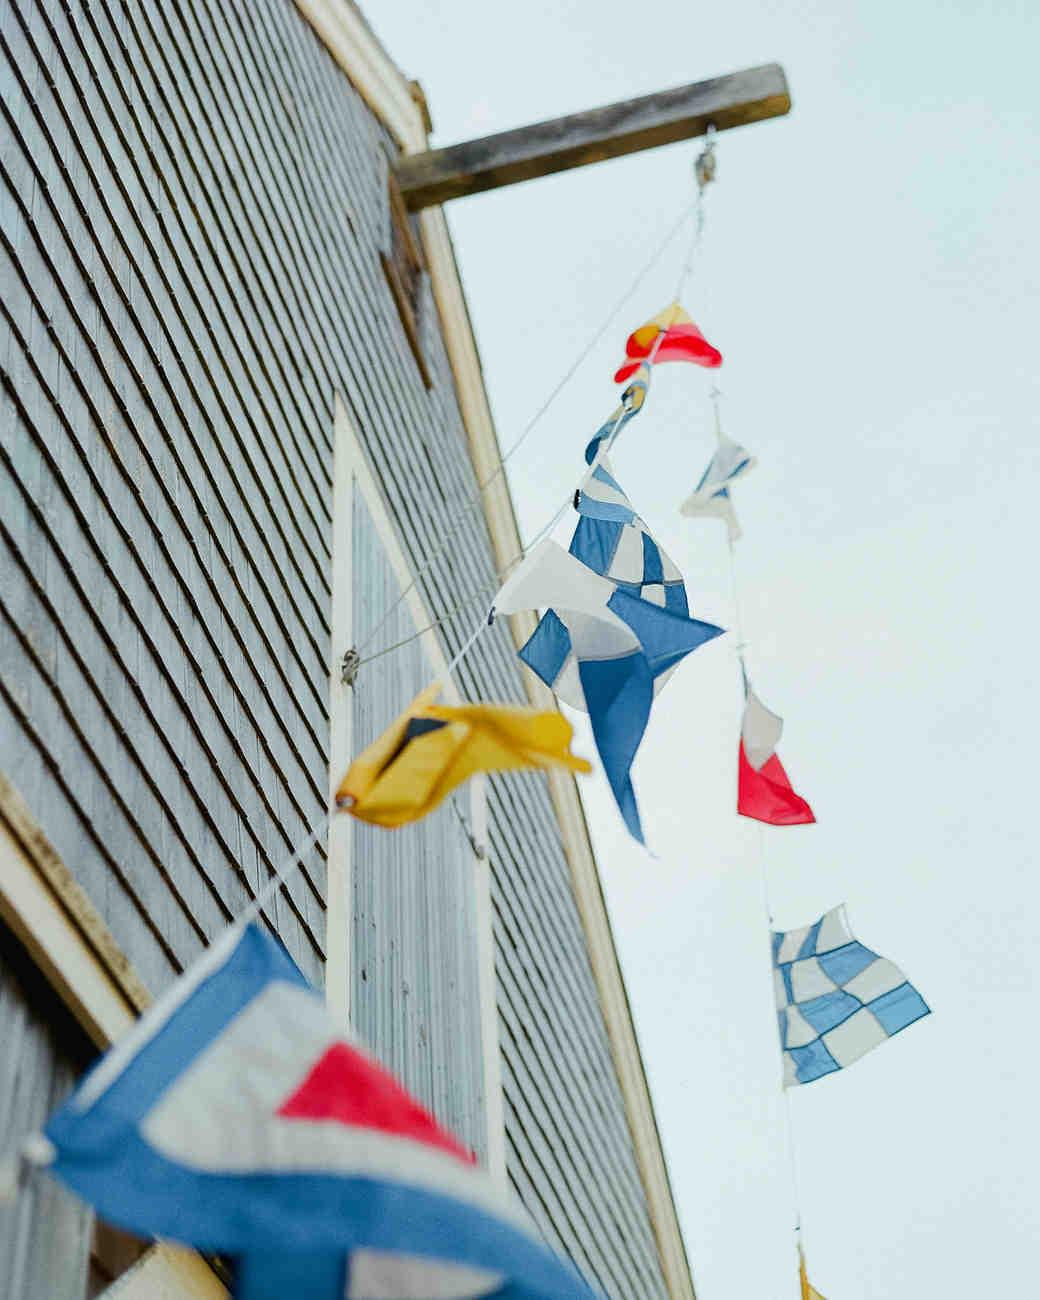 lindsay-garrett-rehearsaldinner-flags-0119-s111850-0415.jpg